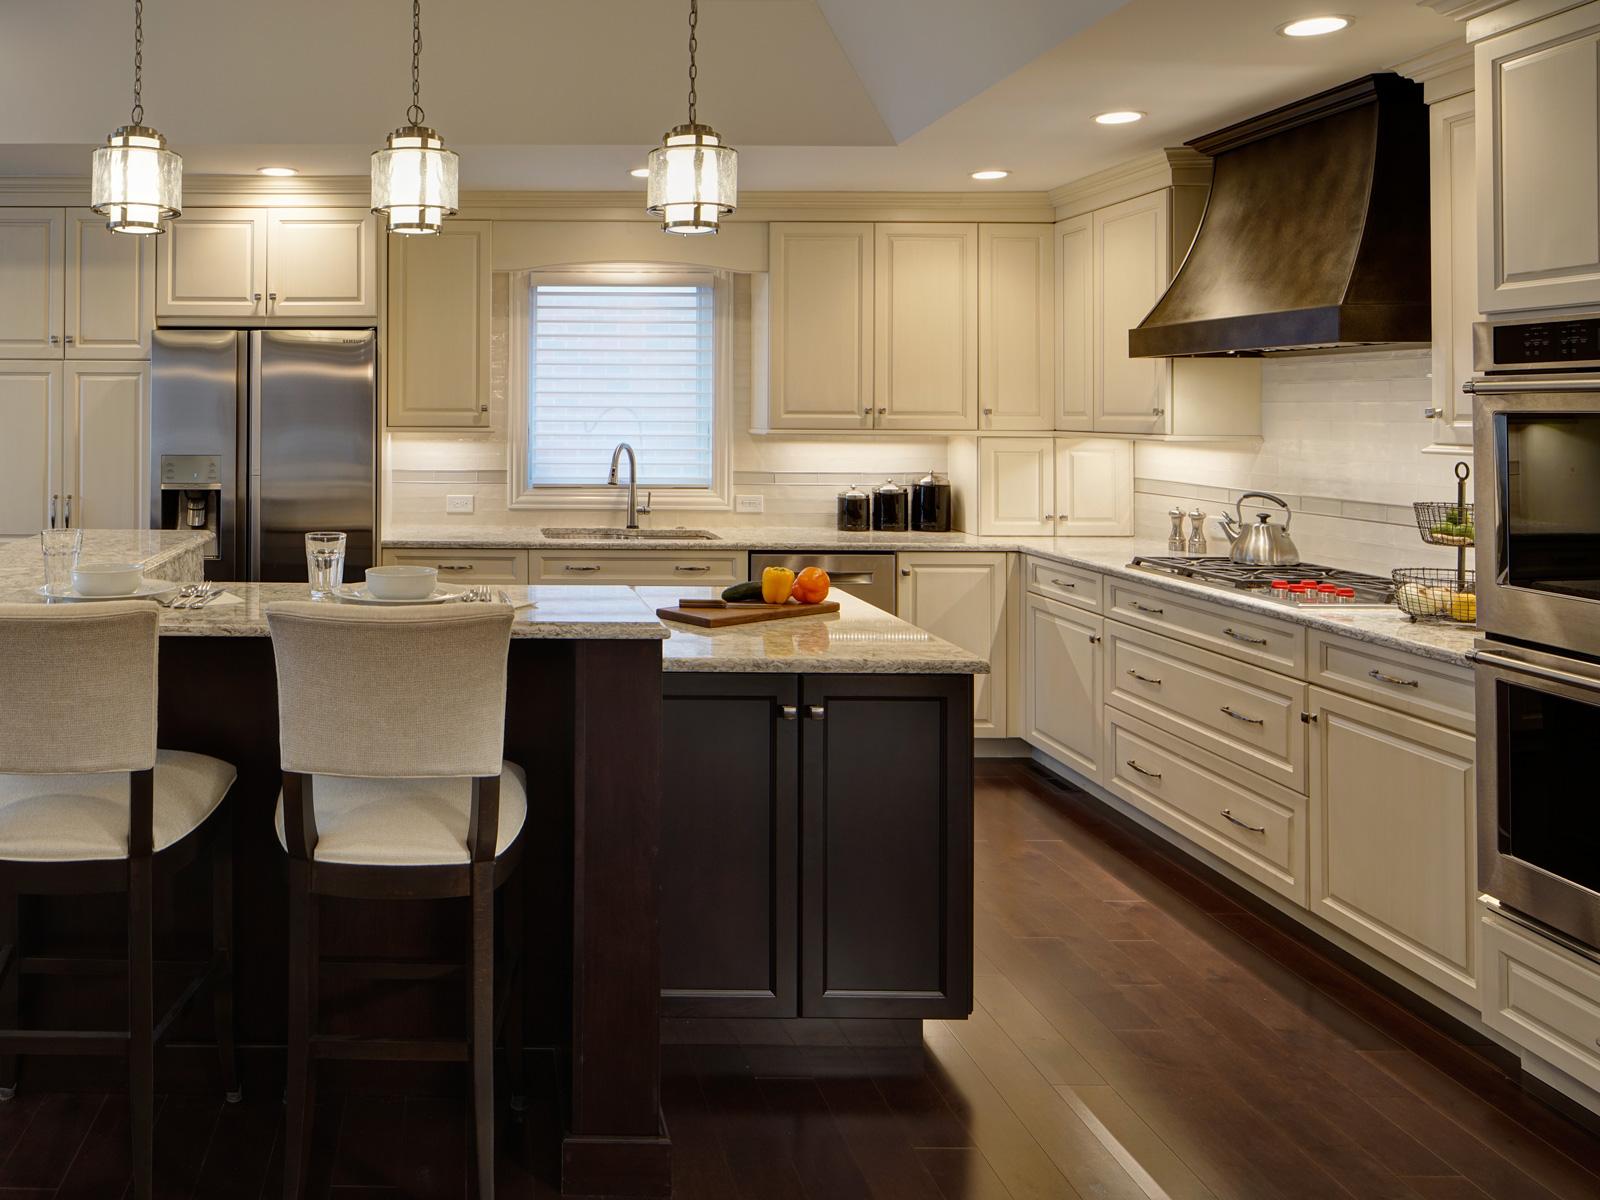 Bronzework-Studio-Drury-Design-Tradtional-Kitchen-2-1600x1200-b.